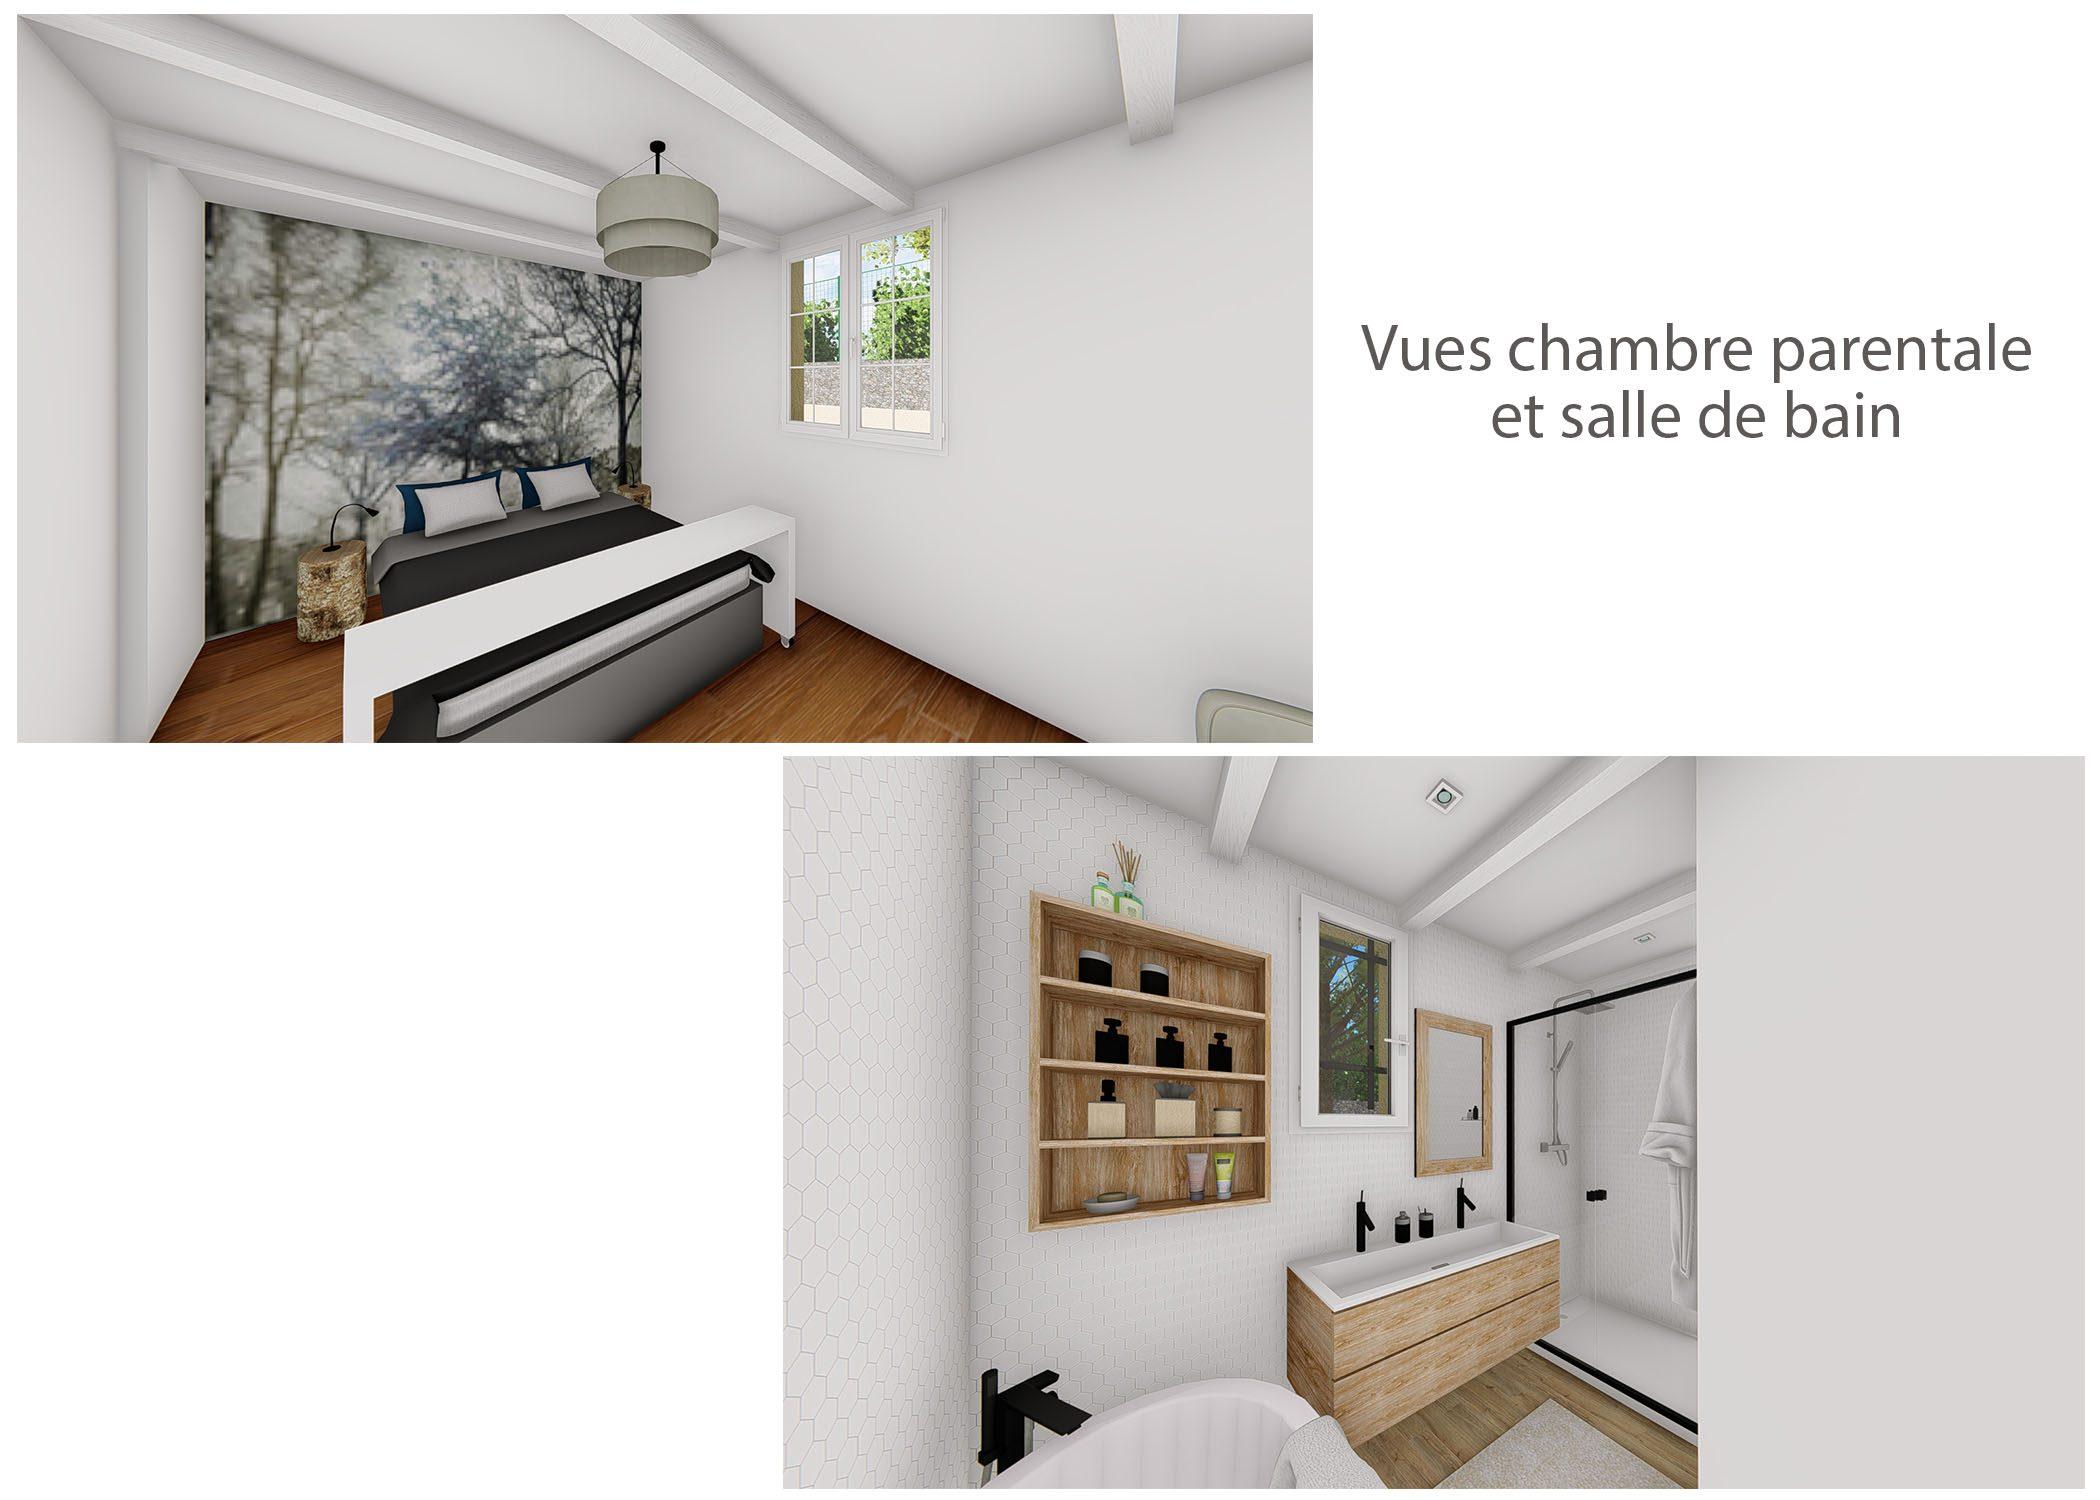 renovation-amenagement-decoration-maison de famille-fuveau-rendus chambre parentale et salle de bain-dekho design